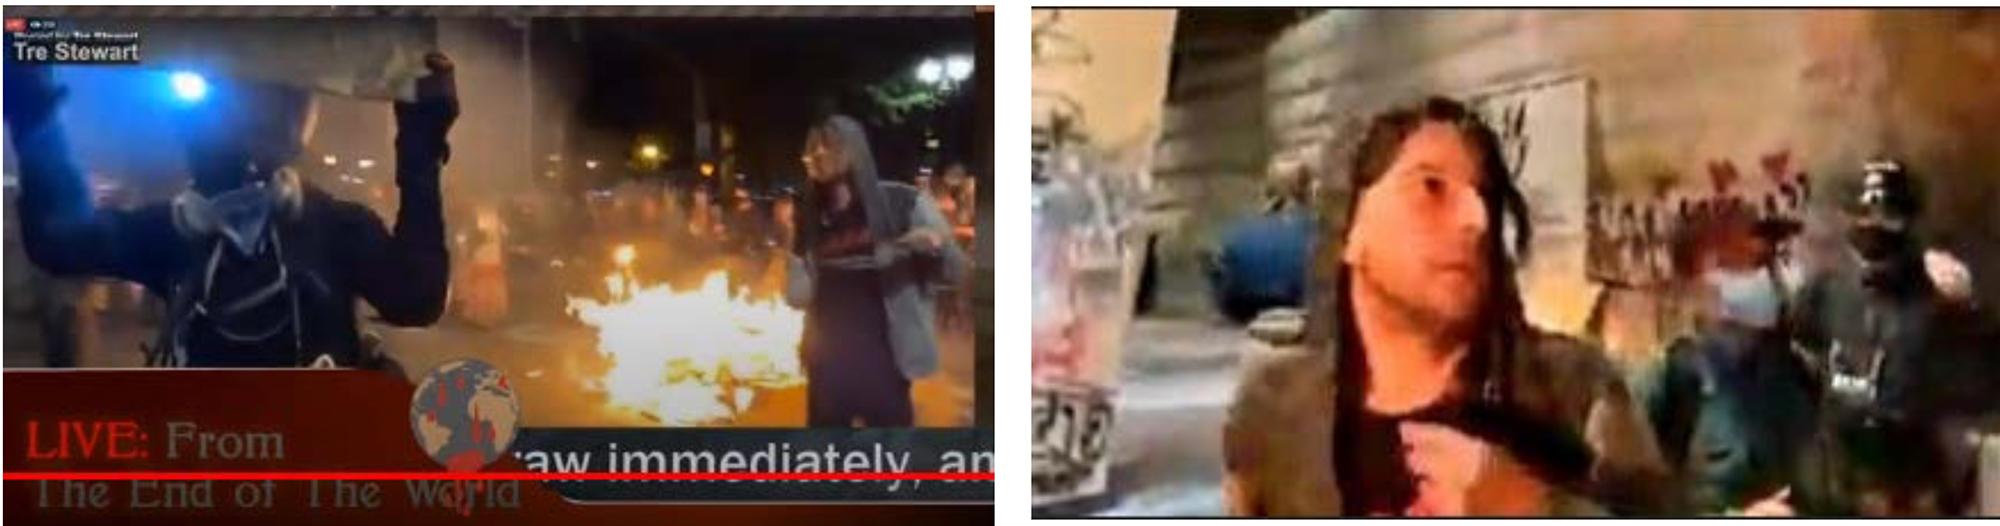 Photos of a protester next to a fire